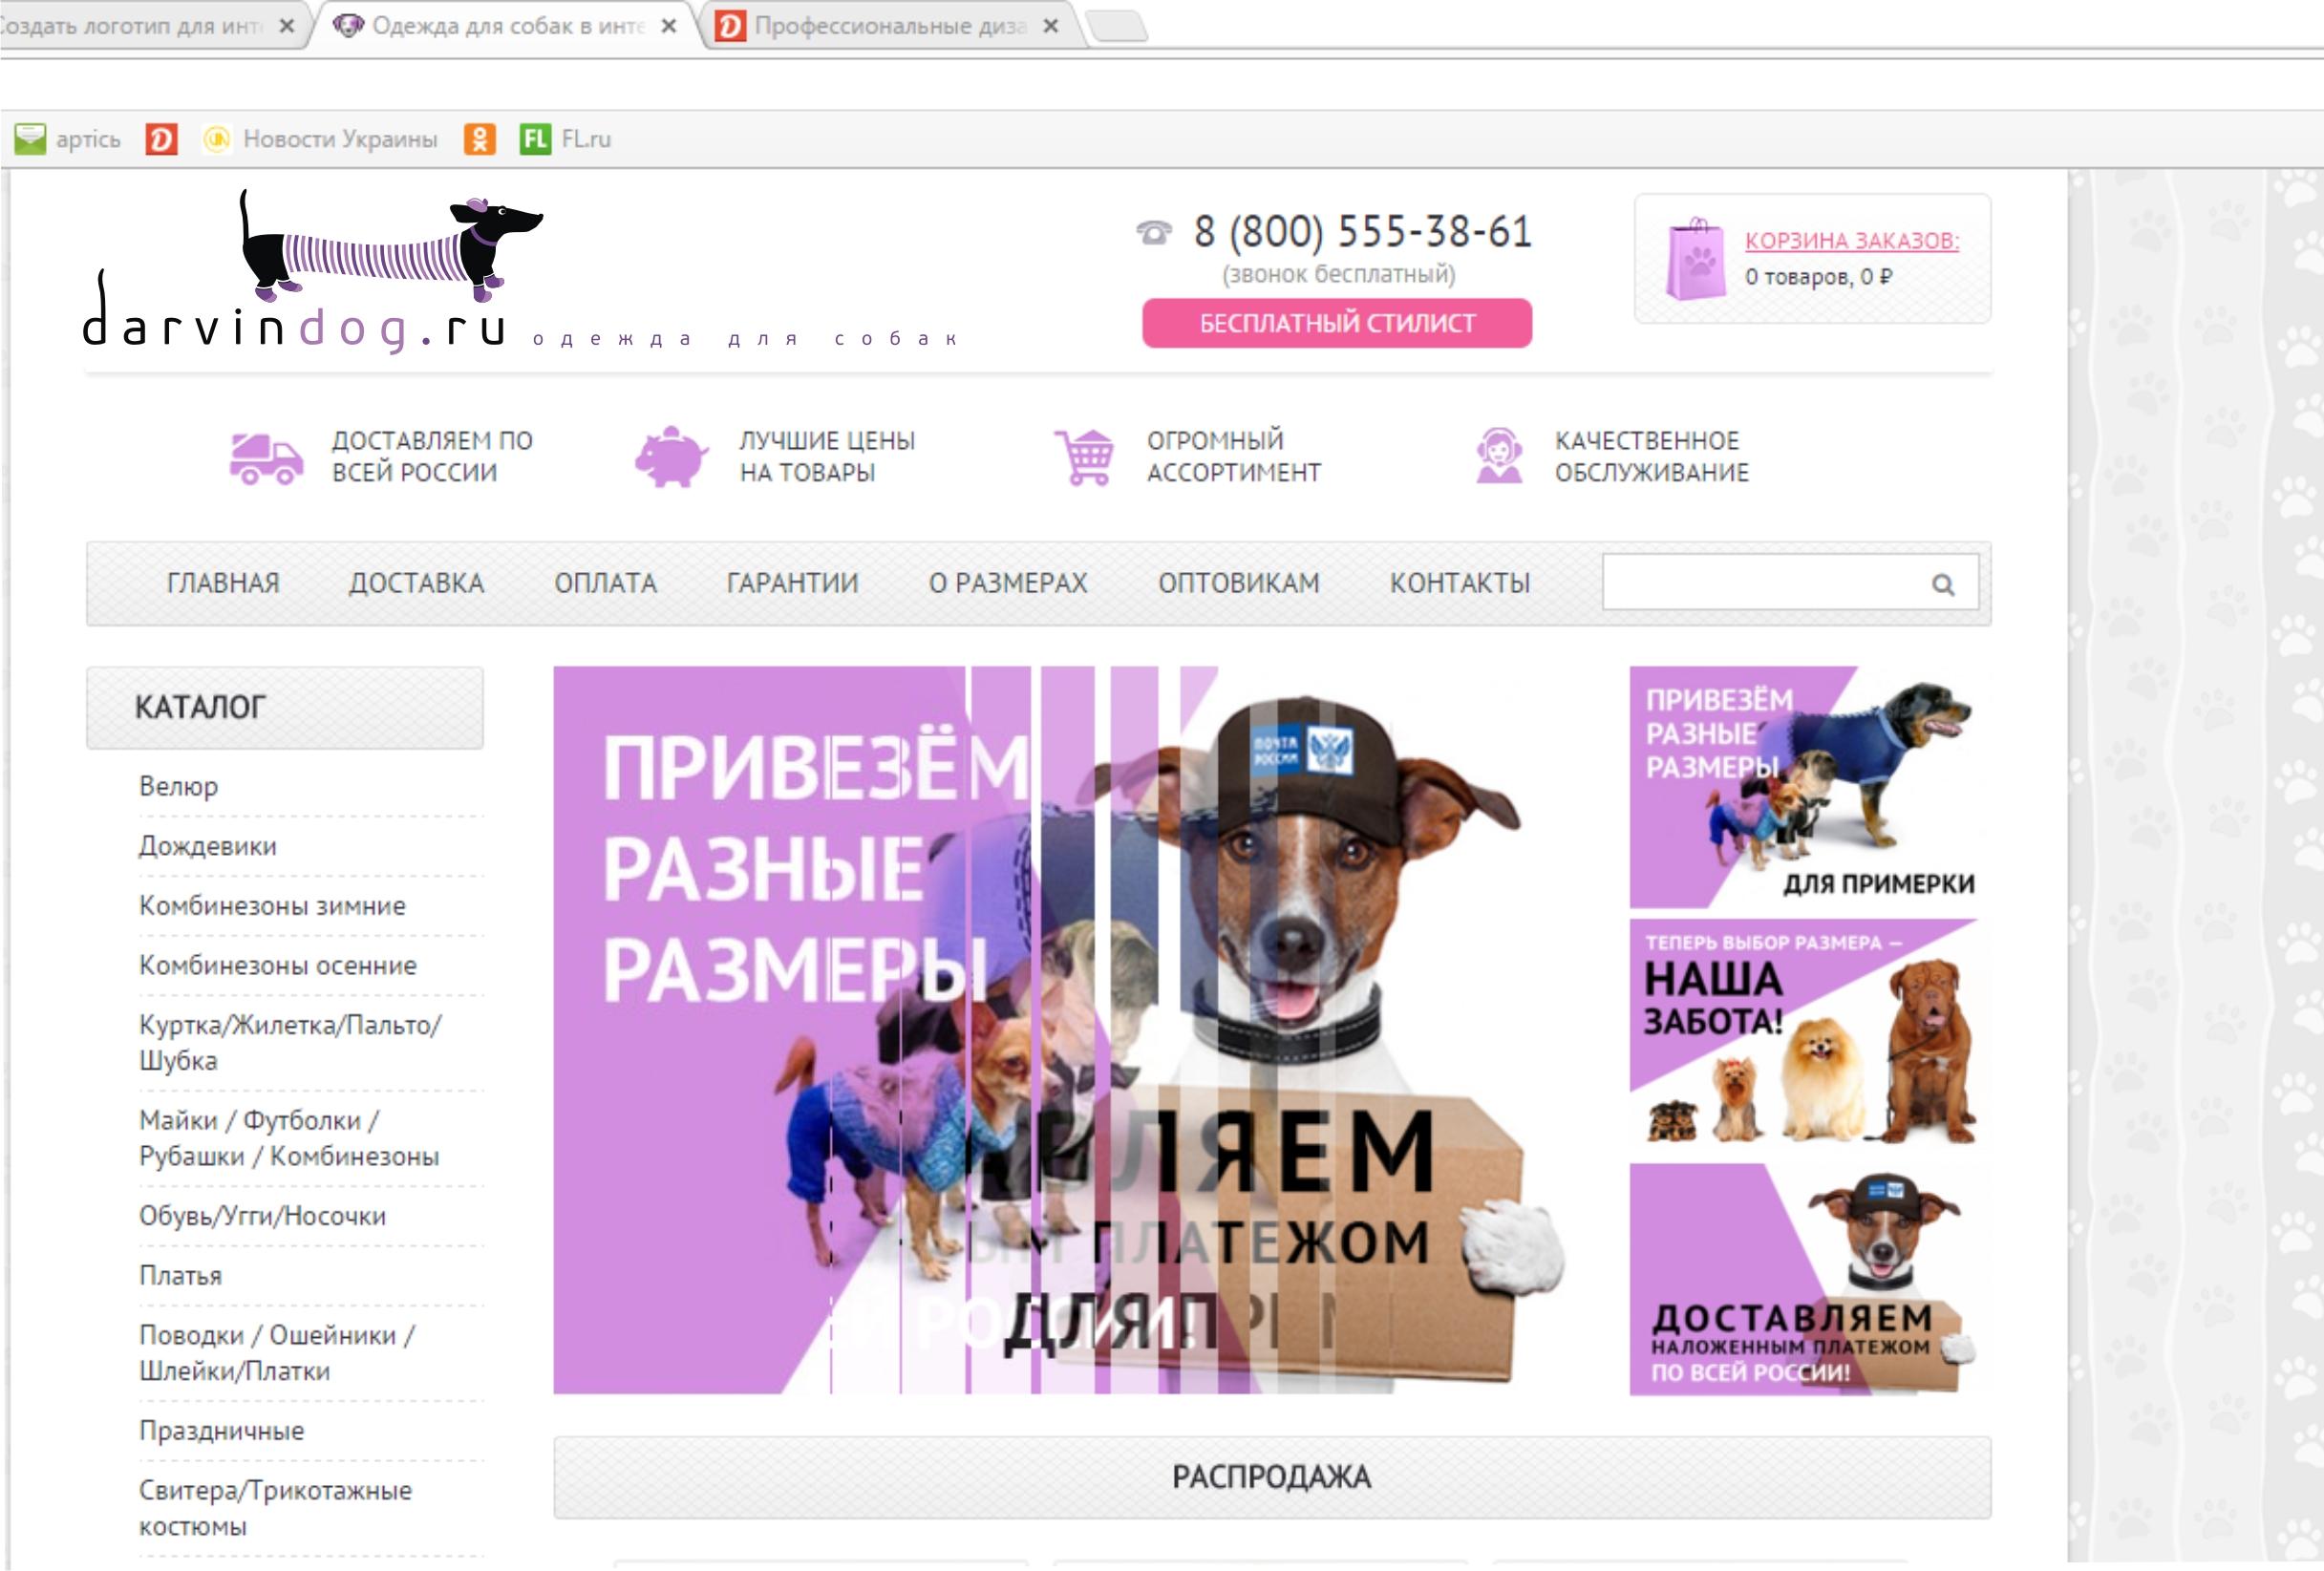 Создать логотип для интернет магазина одежды для собак фото f_203564ca7b76562a.jpg